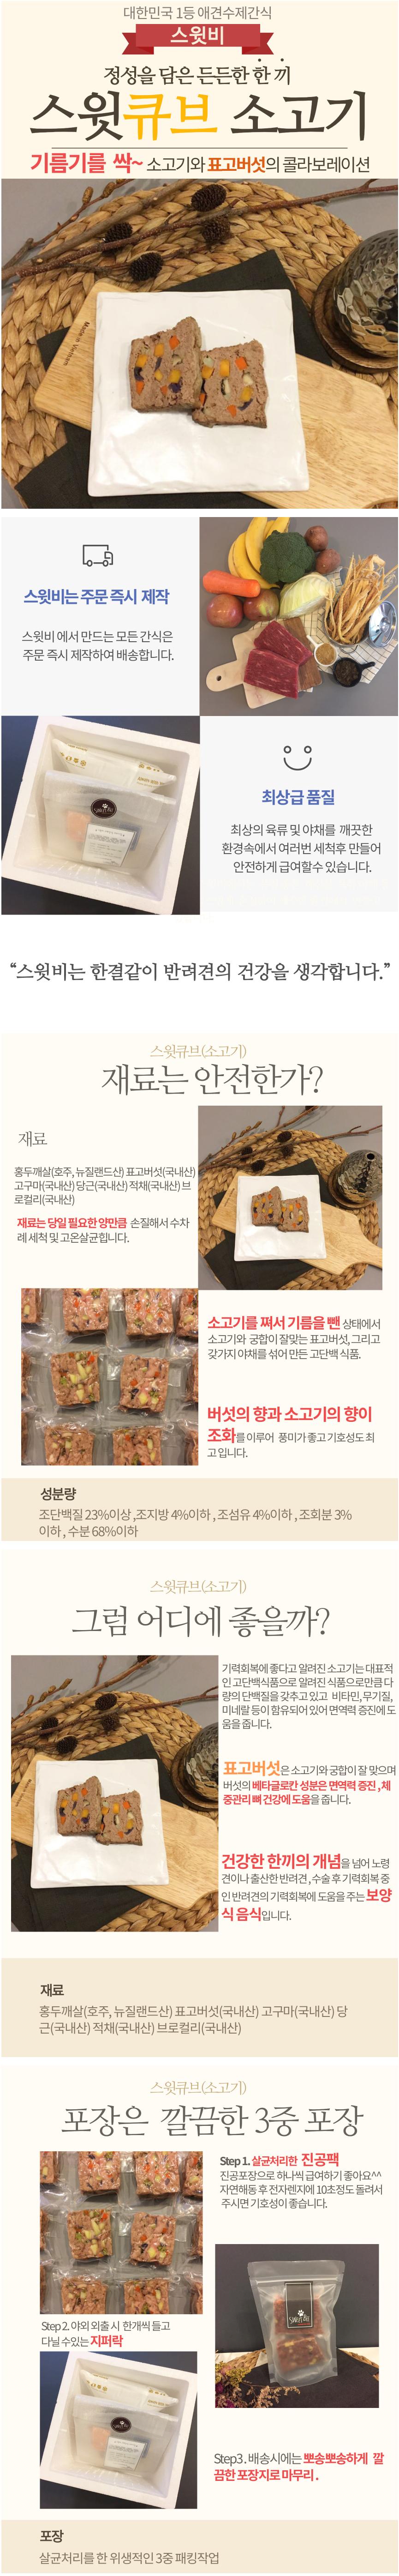 스윗비 강아지 수제간식 소고기 스윗큐브 60g + 60g - 스윗비, 7,000원, 간식/영양제, 수제간식